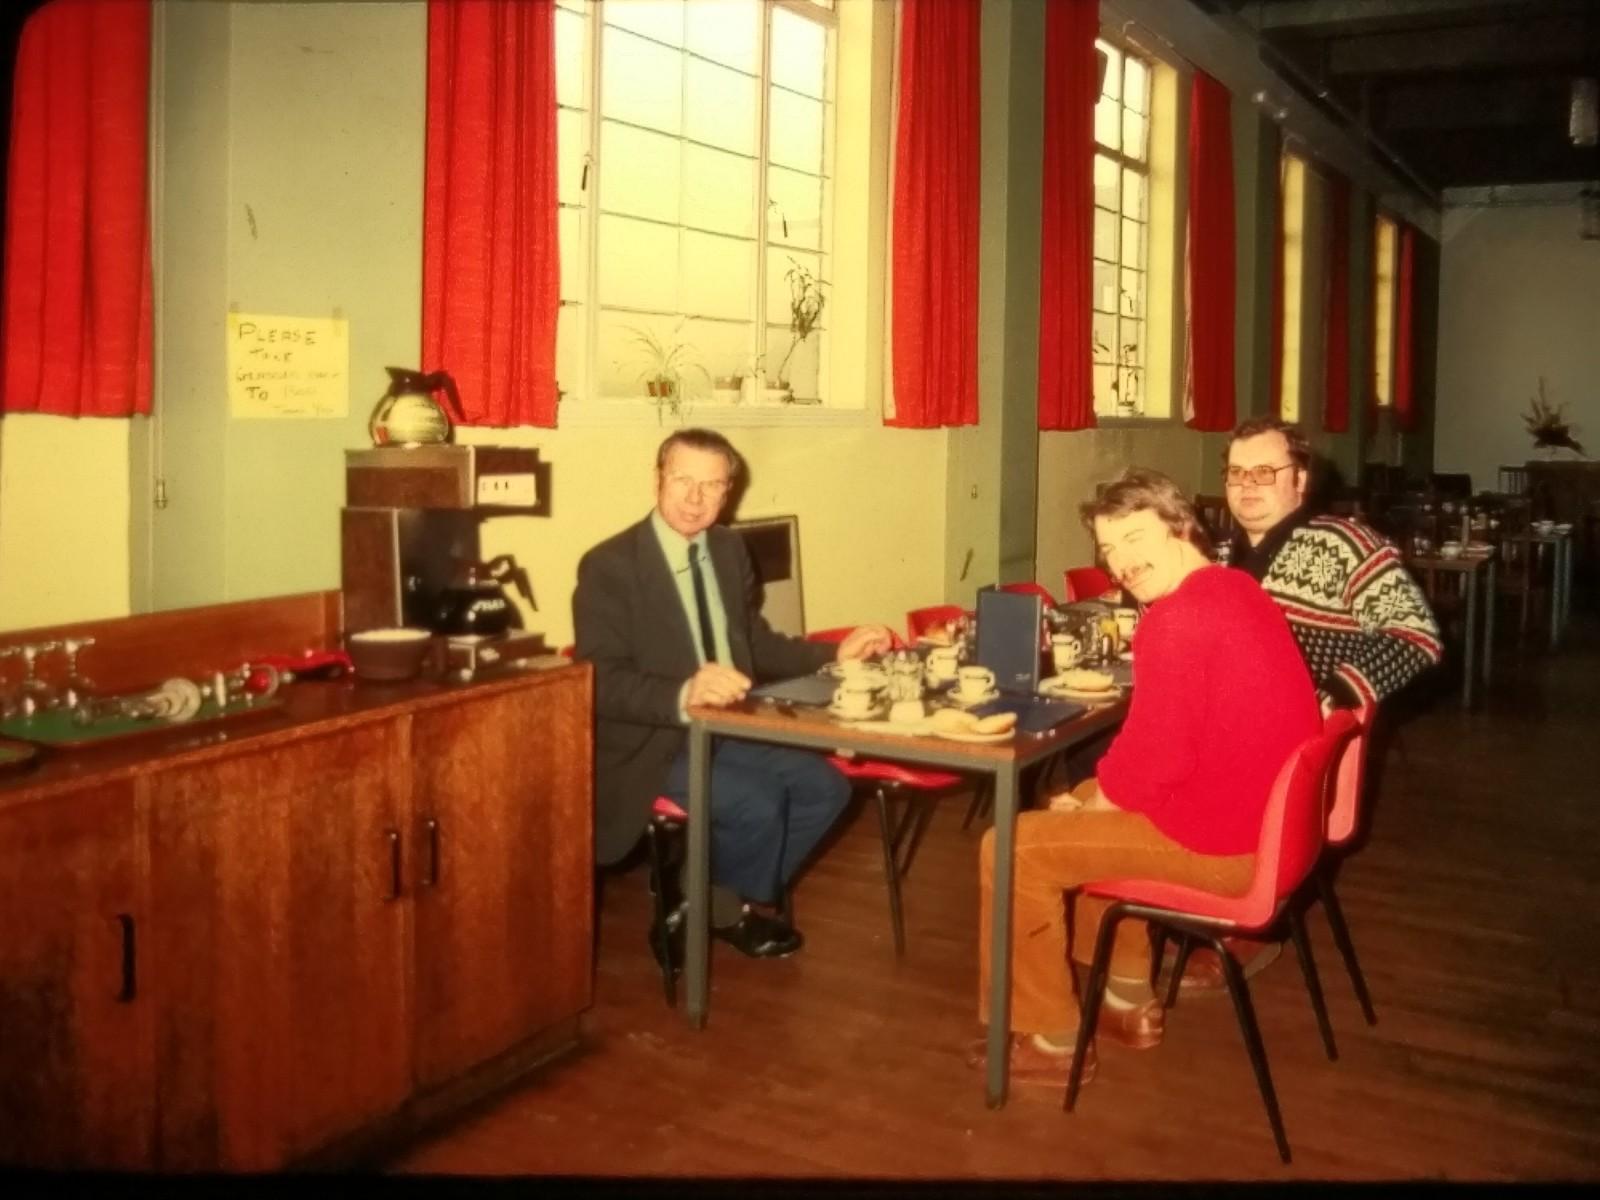 Efter avslutad rundvandring bjöds det på lunch i matsalen. Håkan Andersen i norsk tröja.